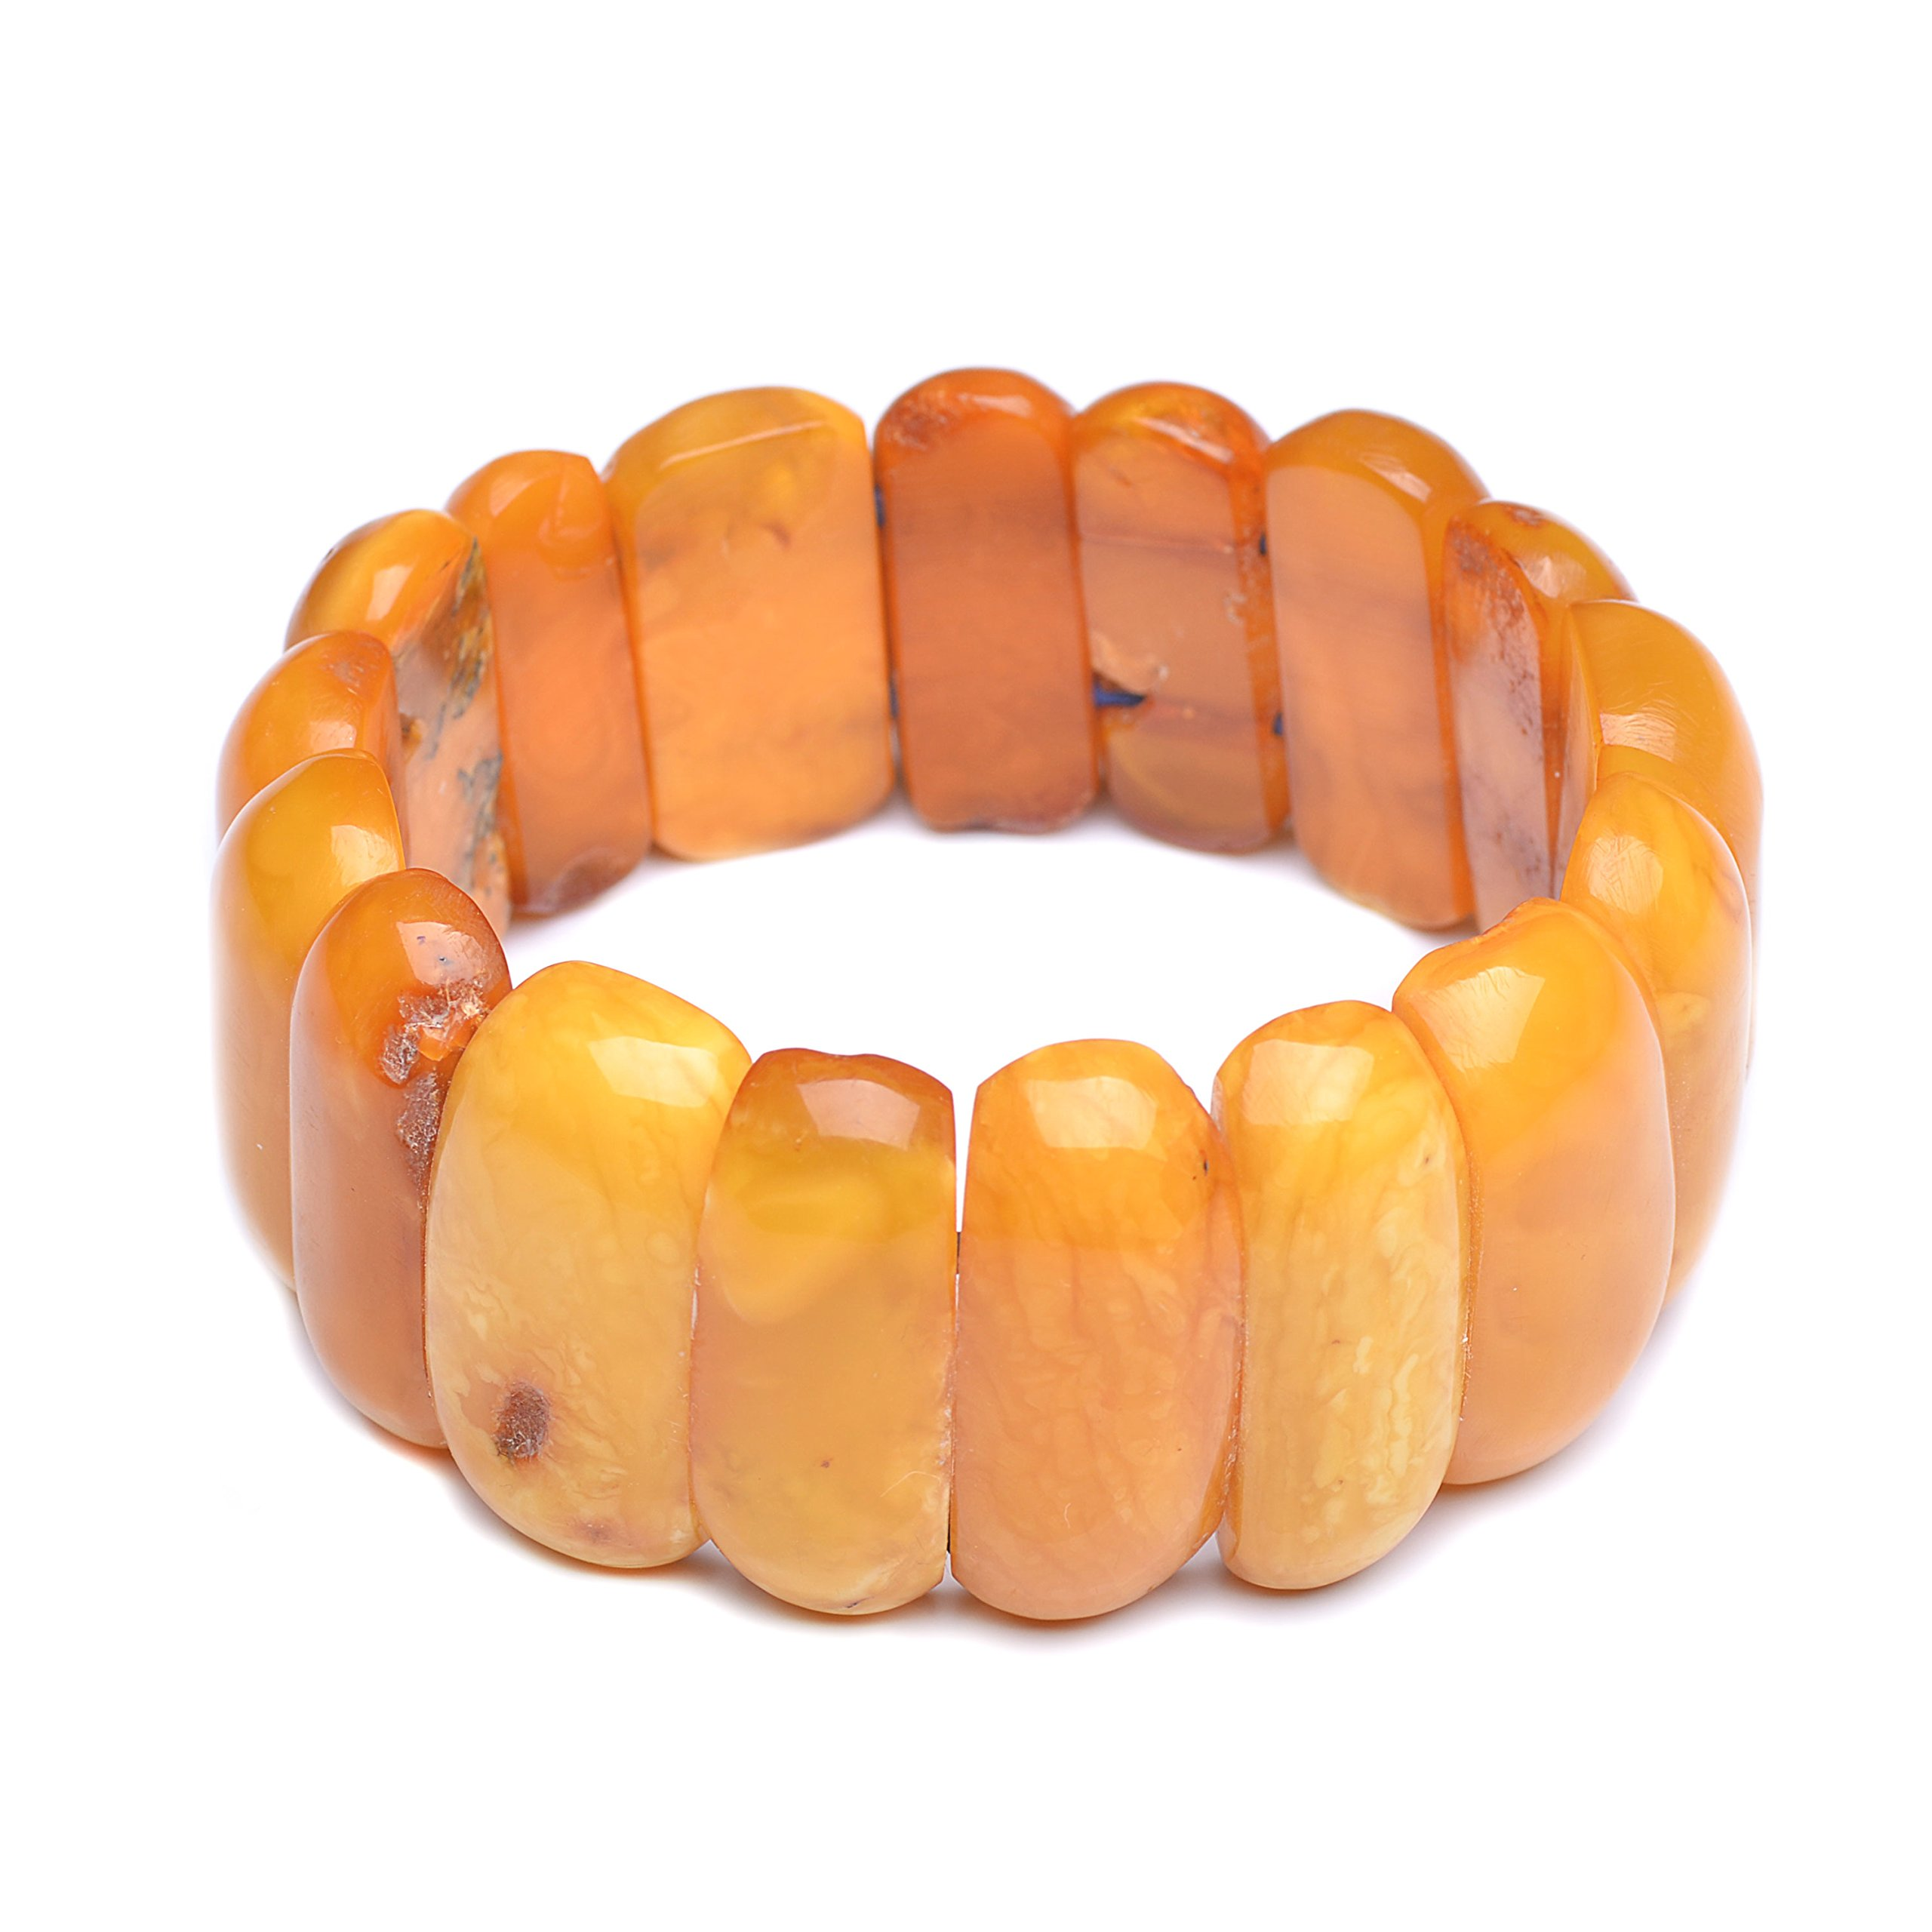 Vintage Amber Bracelet - Unique Amber Bracelet - Certified Handmade Amber Bracelet - Genuine Amber Bracelet (7.9 inches, Butterscotch) by Genuine Amber